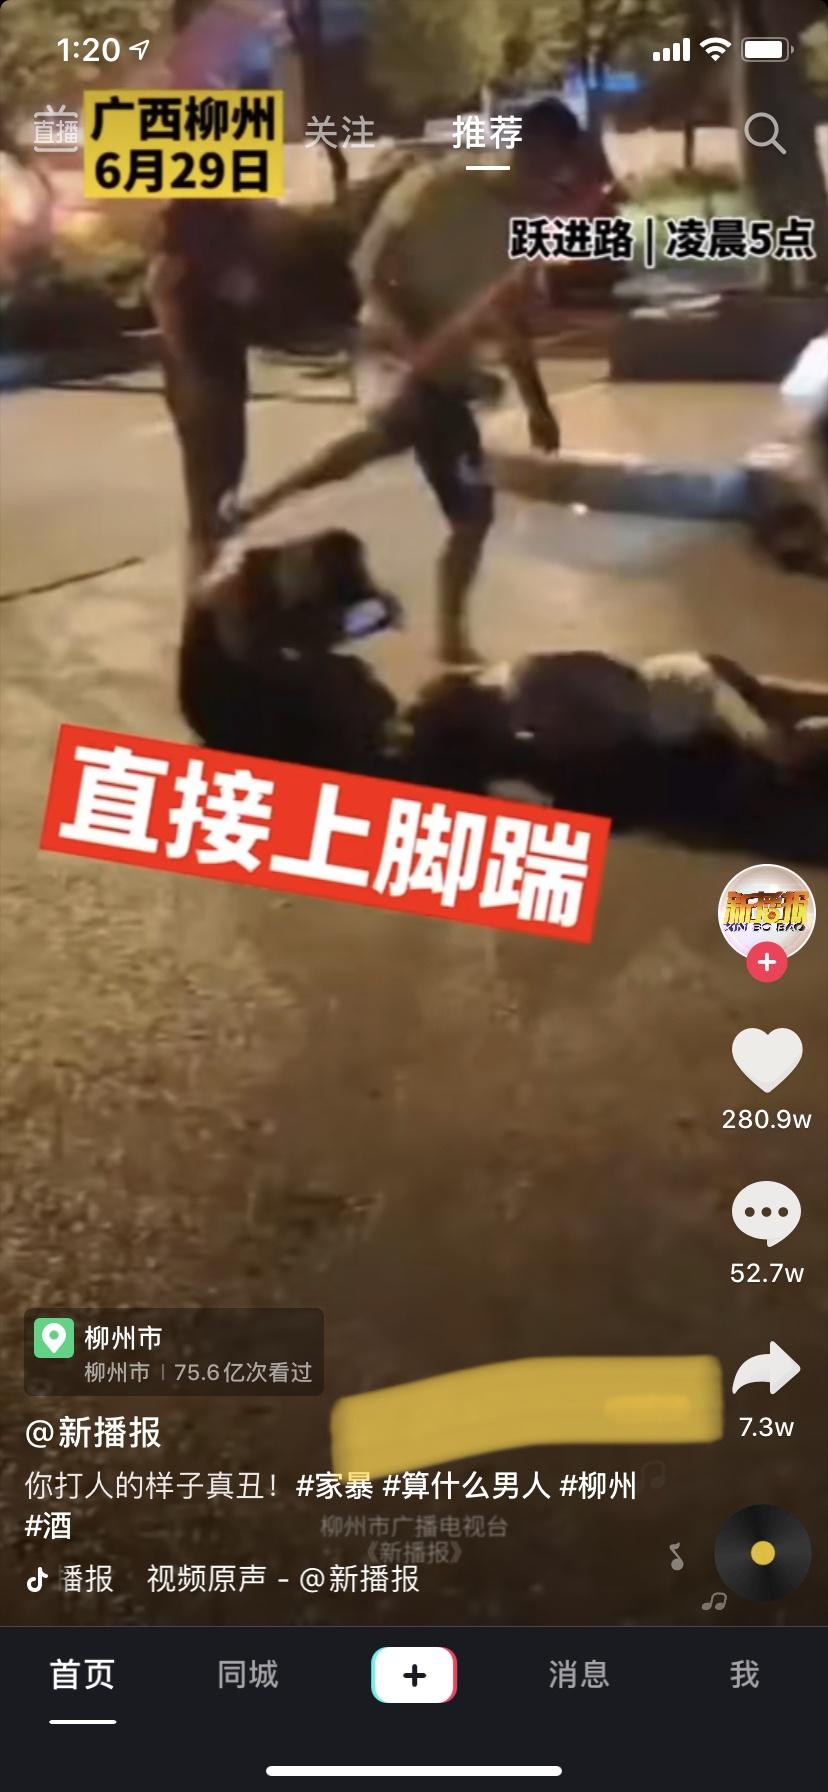 凌晨5点酒吧门口男子暴打女子,警方通报来了:双方十余人曾发生肢体冲突,有人涉嫌吸毒